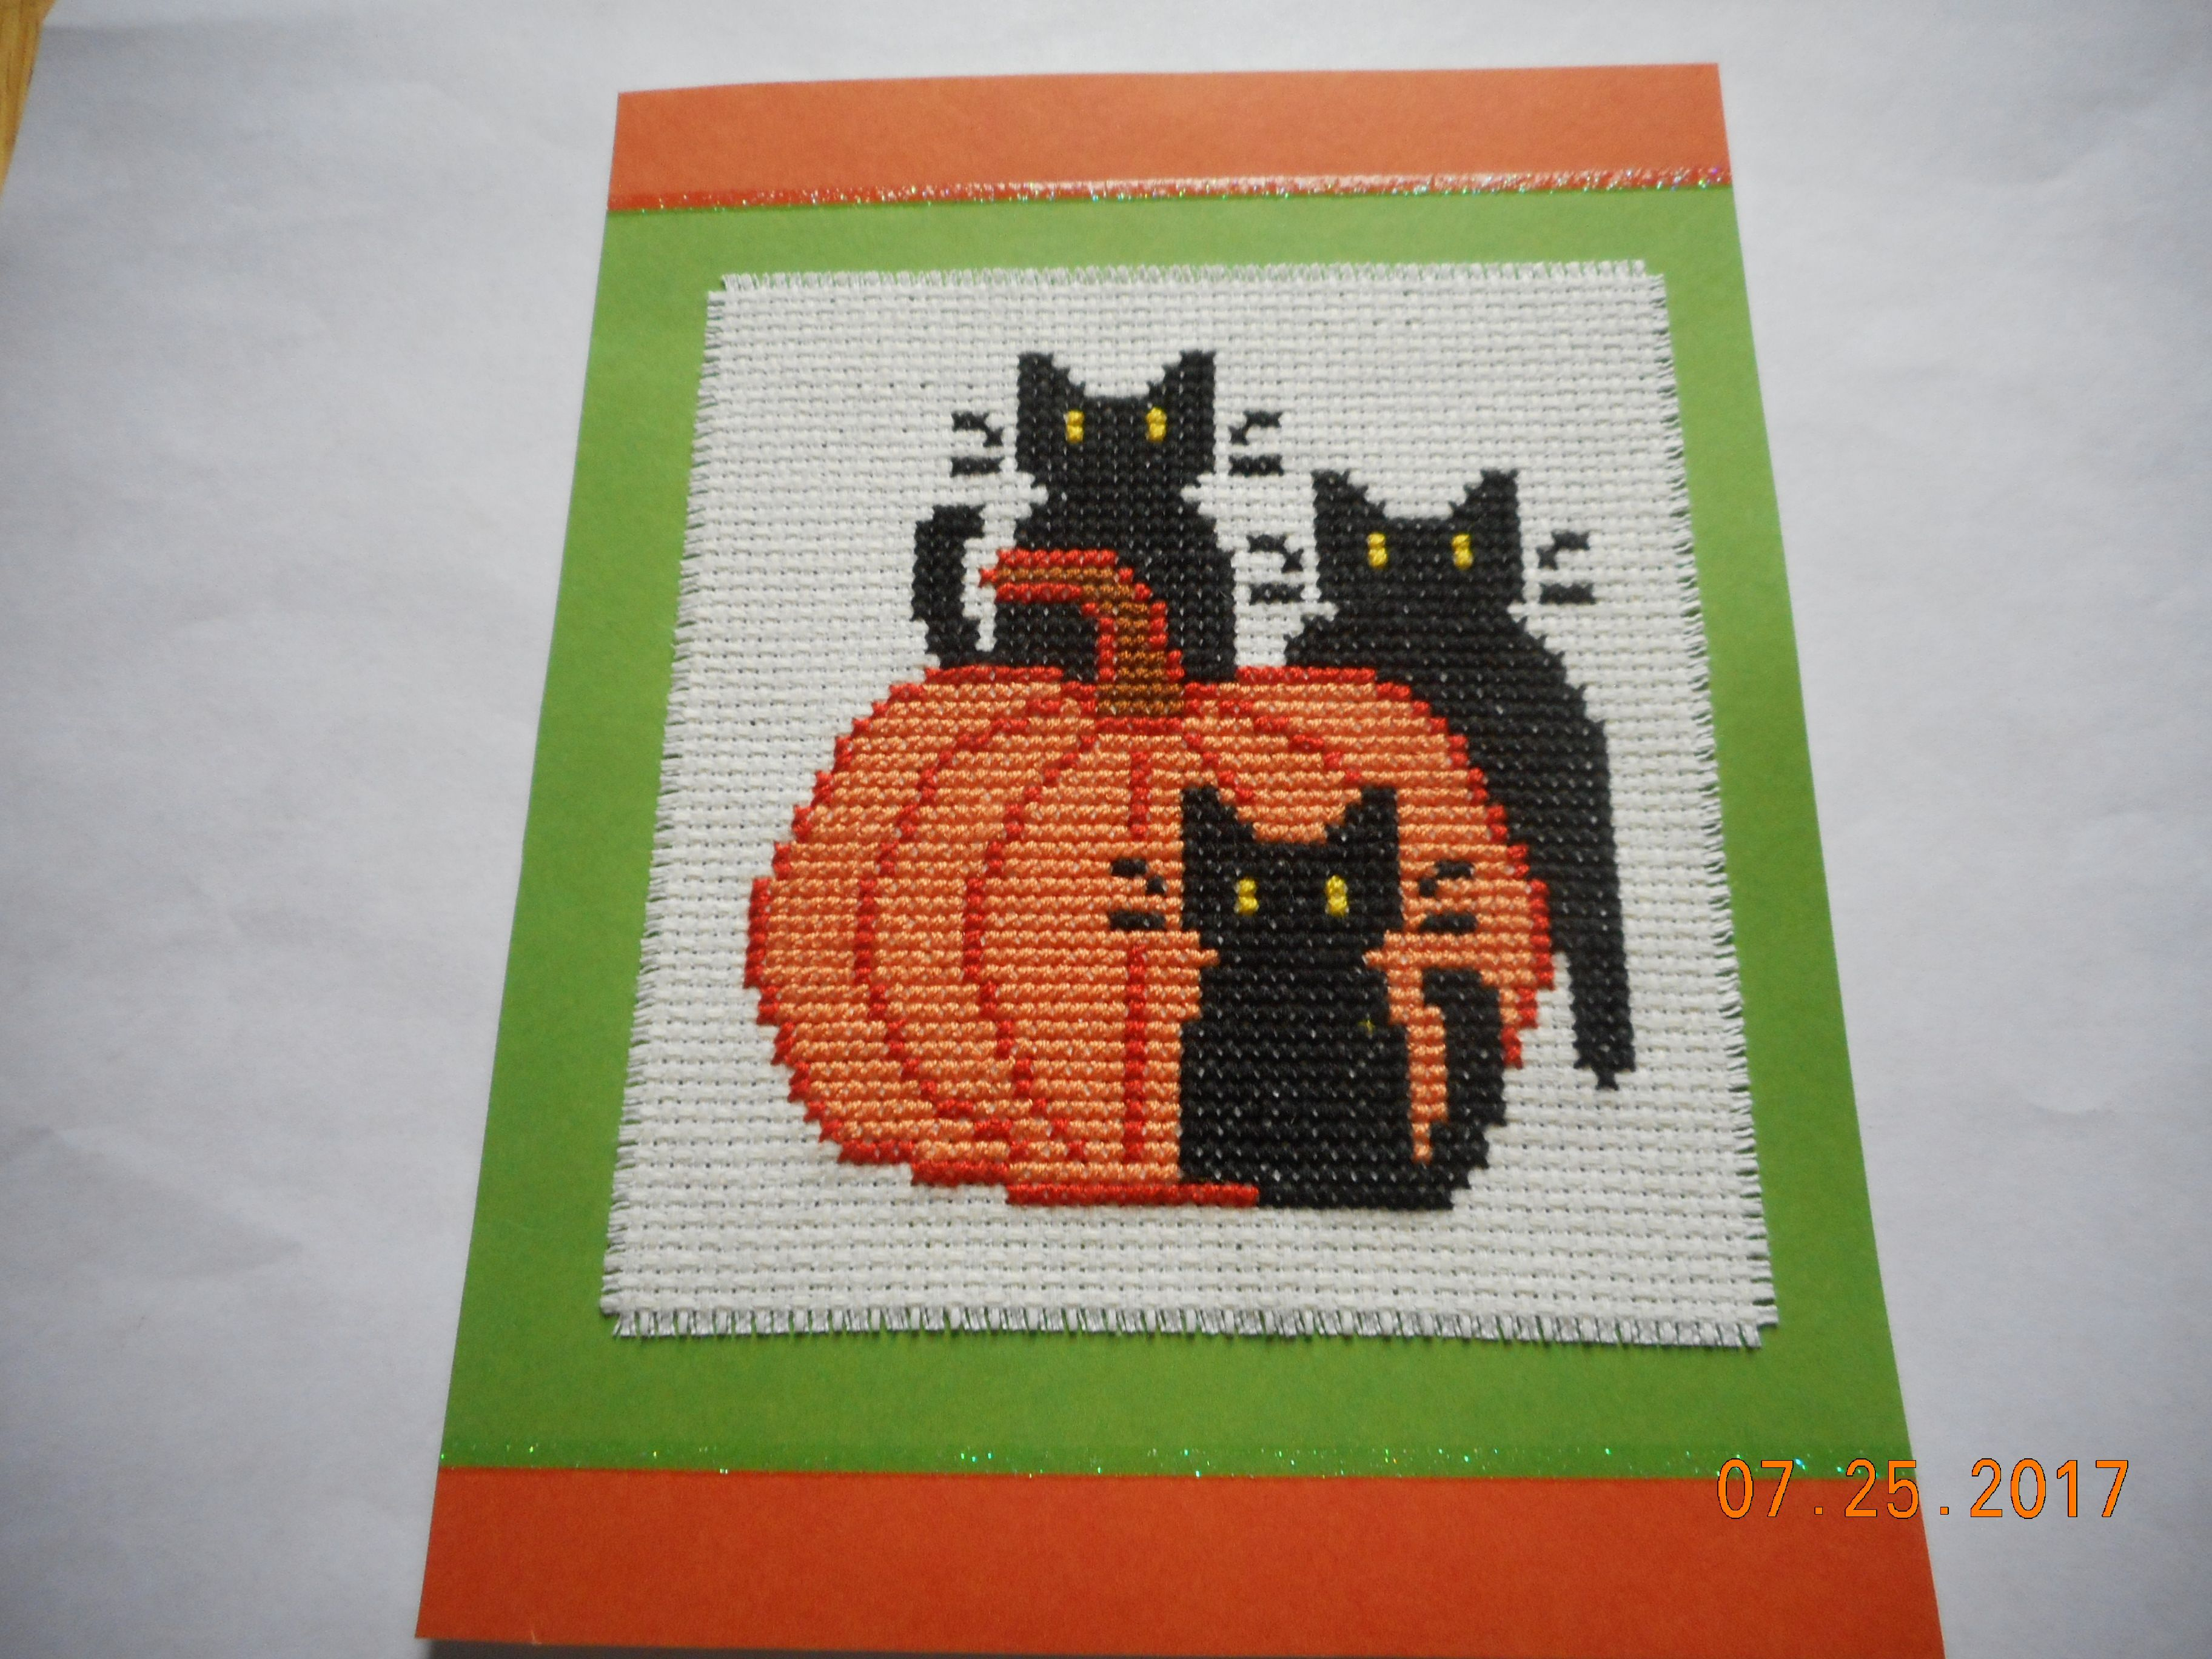 halloween card etsy shop debbywebbyscards cross stitch card